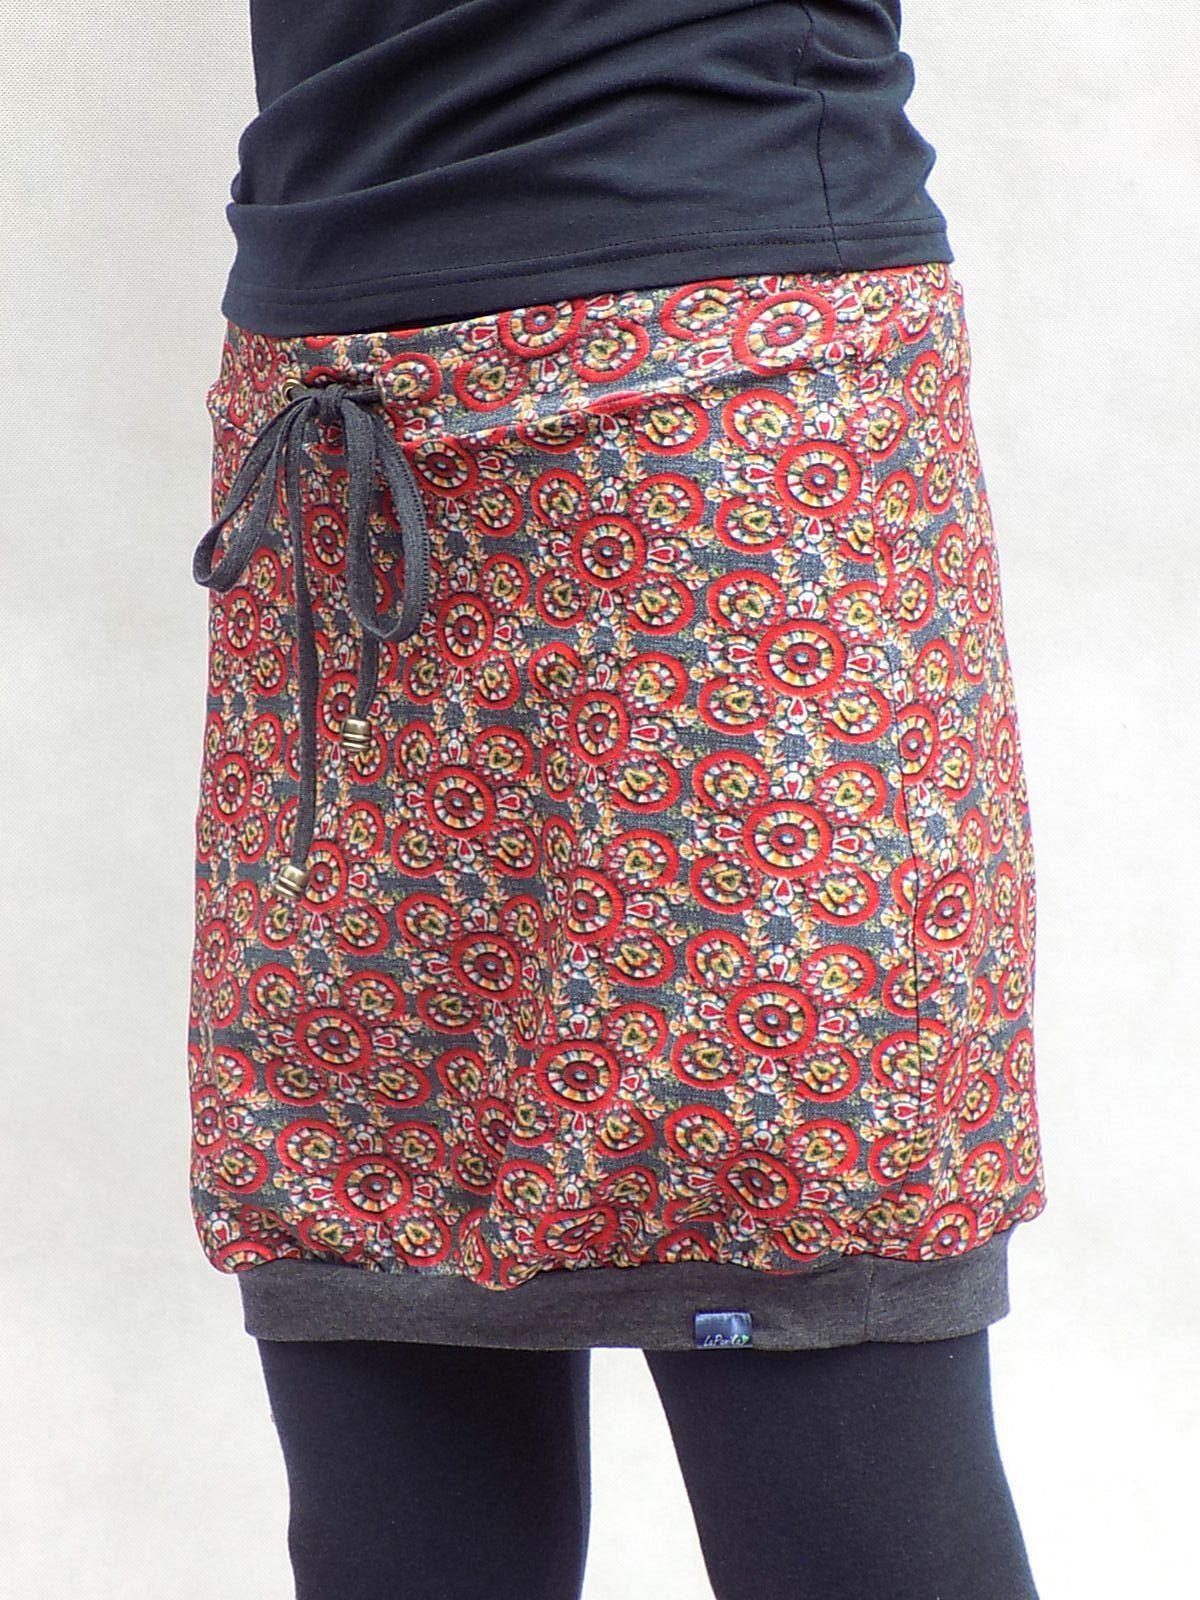 Vzorovaná sukně s vázačkou - poslední   Zboží prodejce LaPanika ... 66930ceed1c